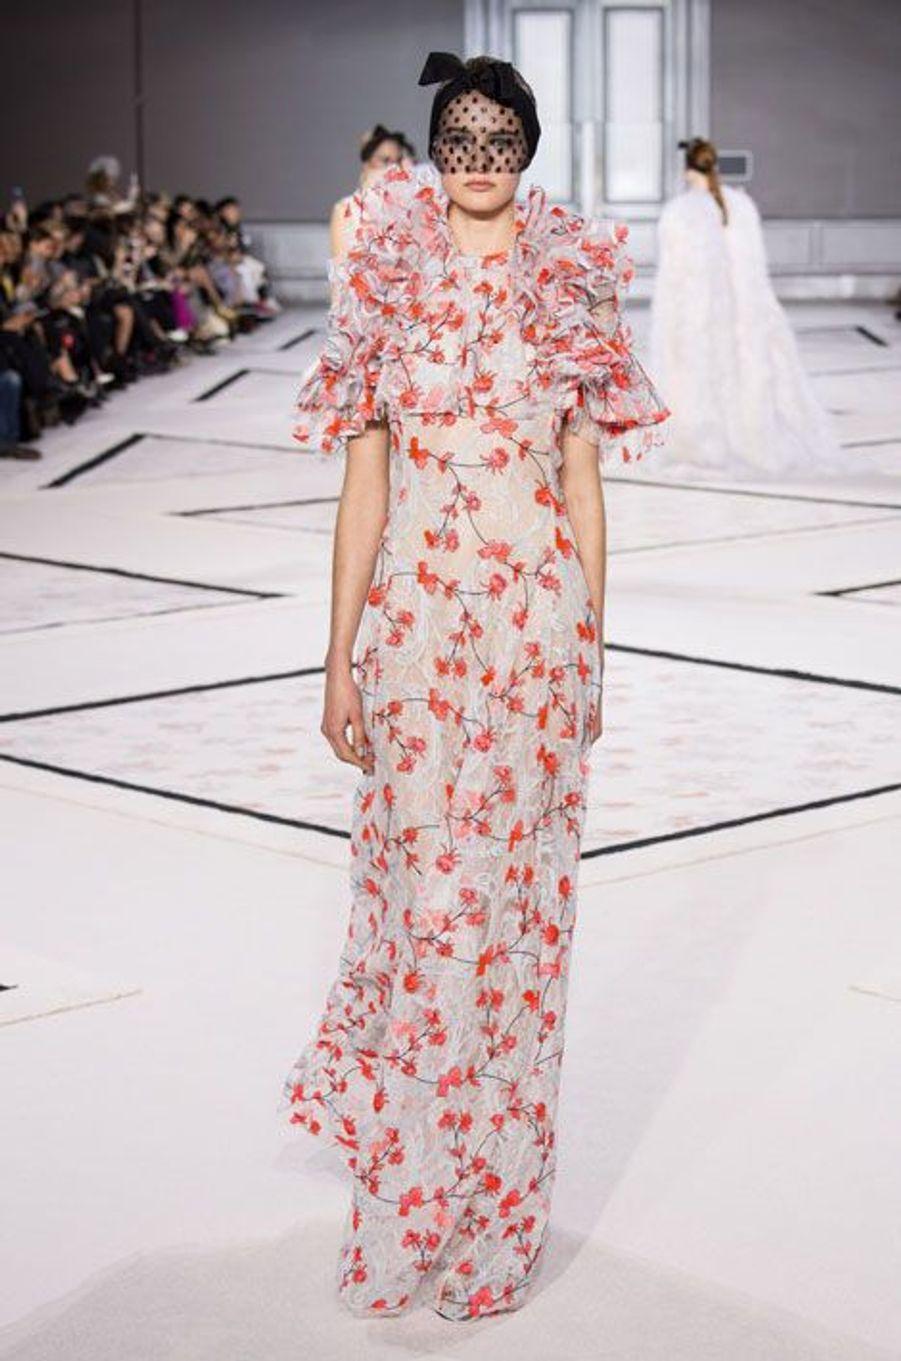 Défilé Giambattista Valli Haute Couture printemps-été 2015 à Paris, le 26 janvier 2015